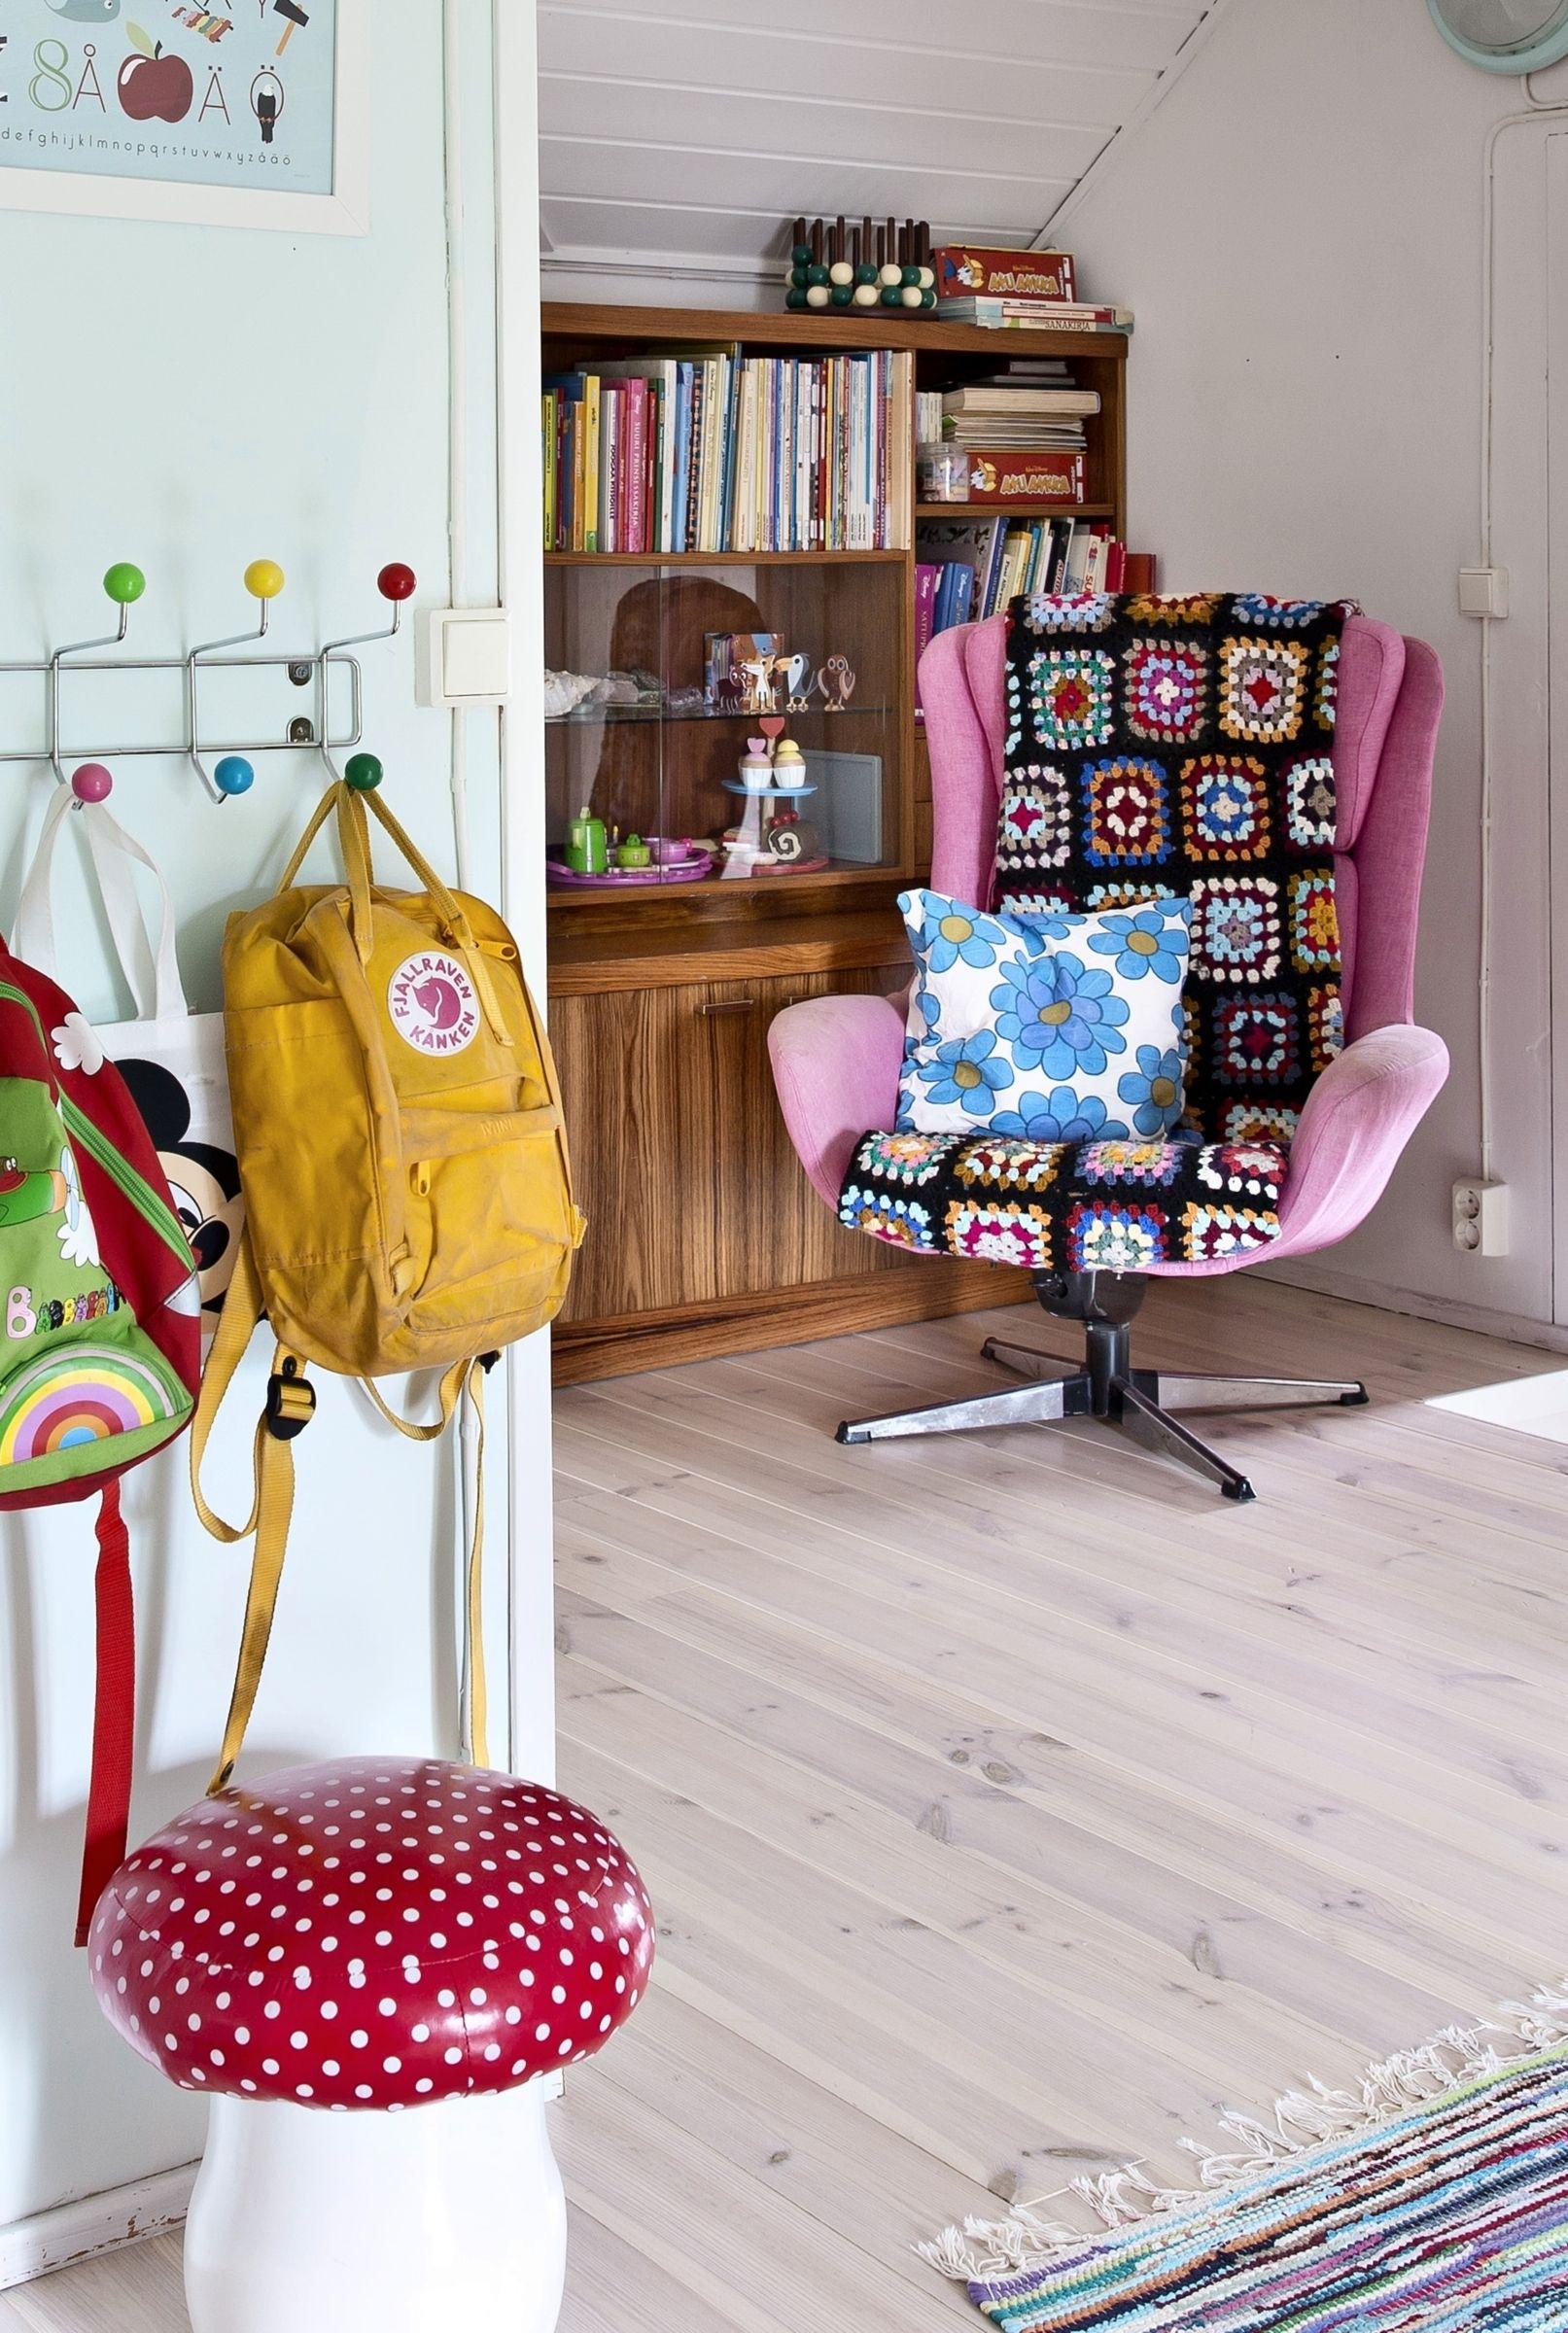 Värikäs ja retrohenkinen koti. Colourful and vintage style home.| Unelmien Talo&Koti Kuva: Camilla Hynynen Toimittaja: Jaana Tapio